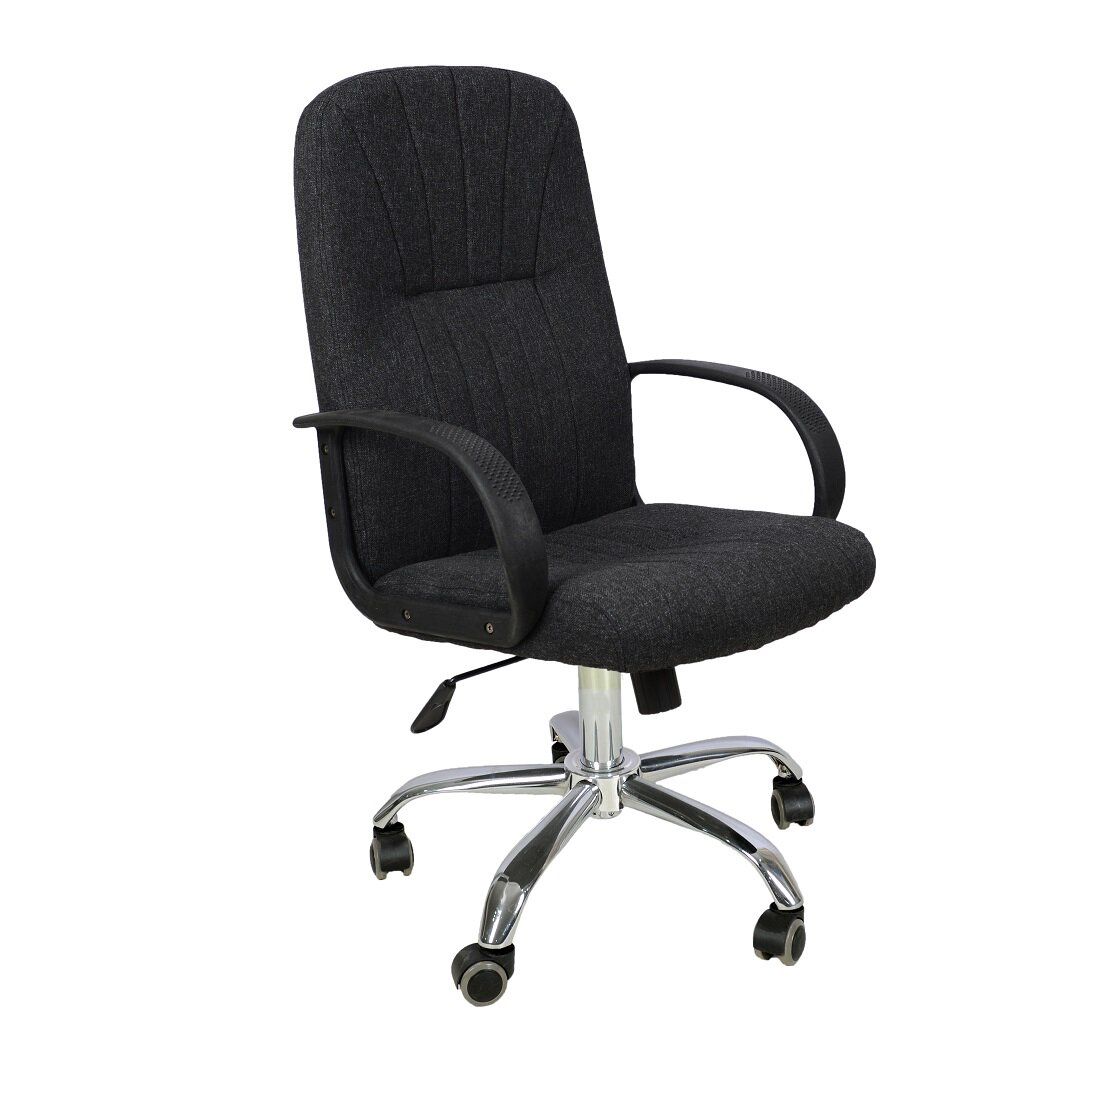 Кресло офисное 509 купить в Томске